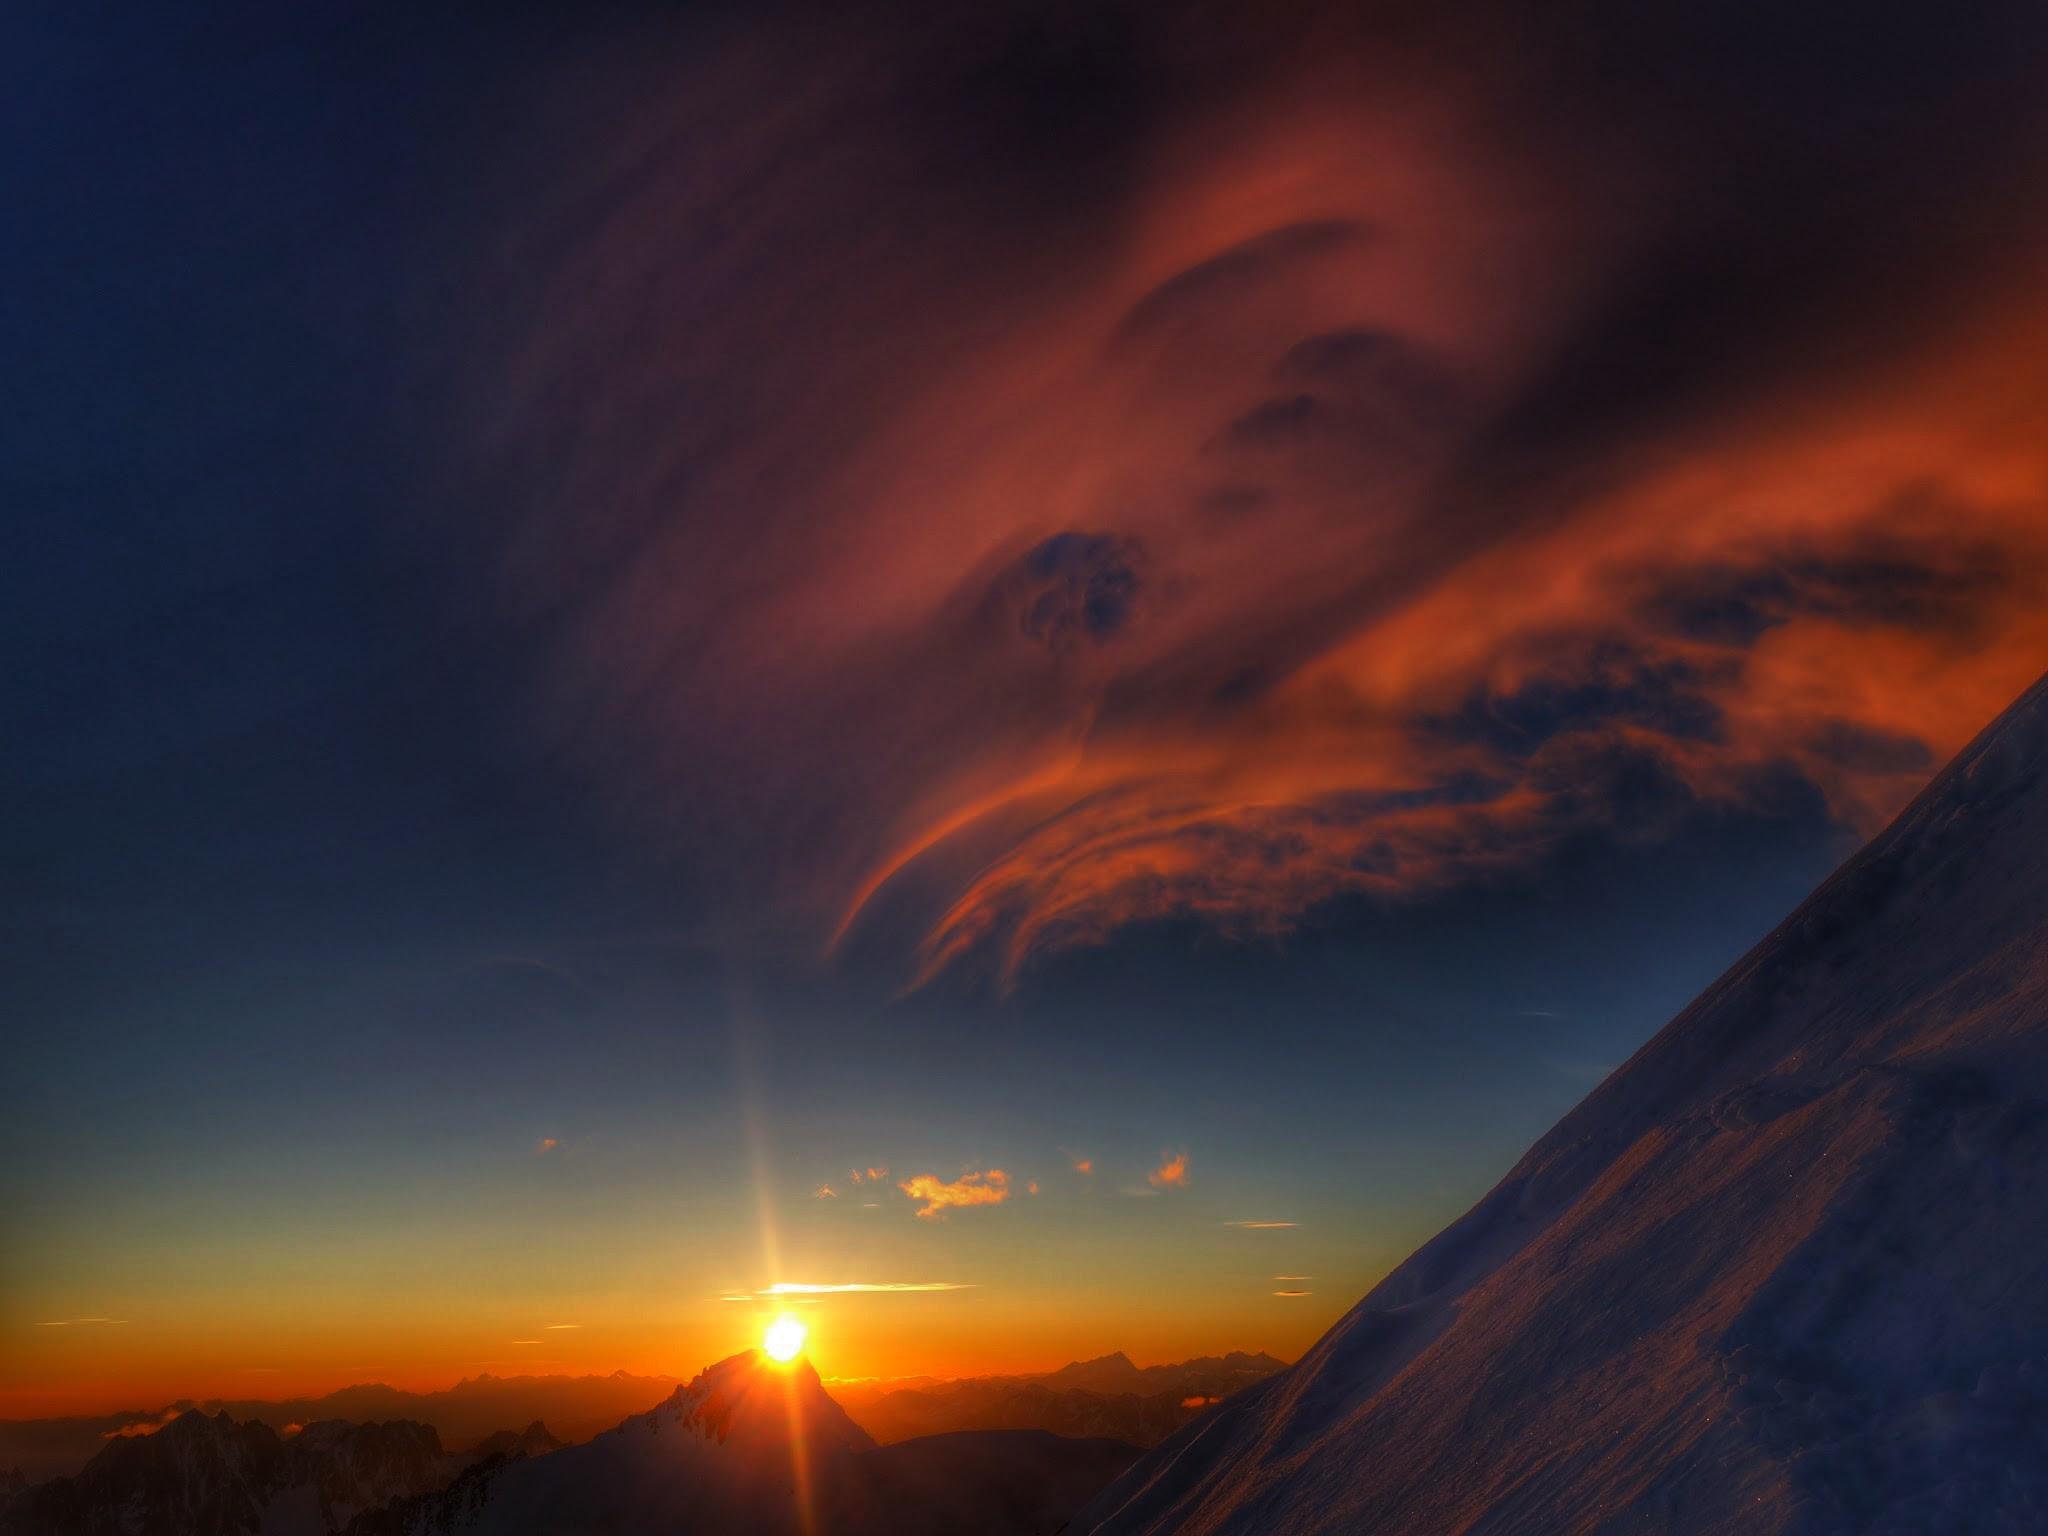 Tour Mont Blanc Bergfuehrer Ivo Meier Aufstieg Sonnenaufgang